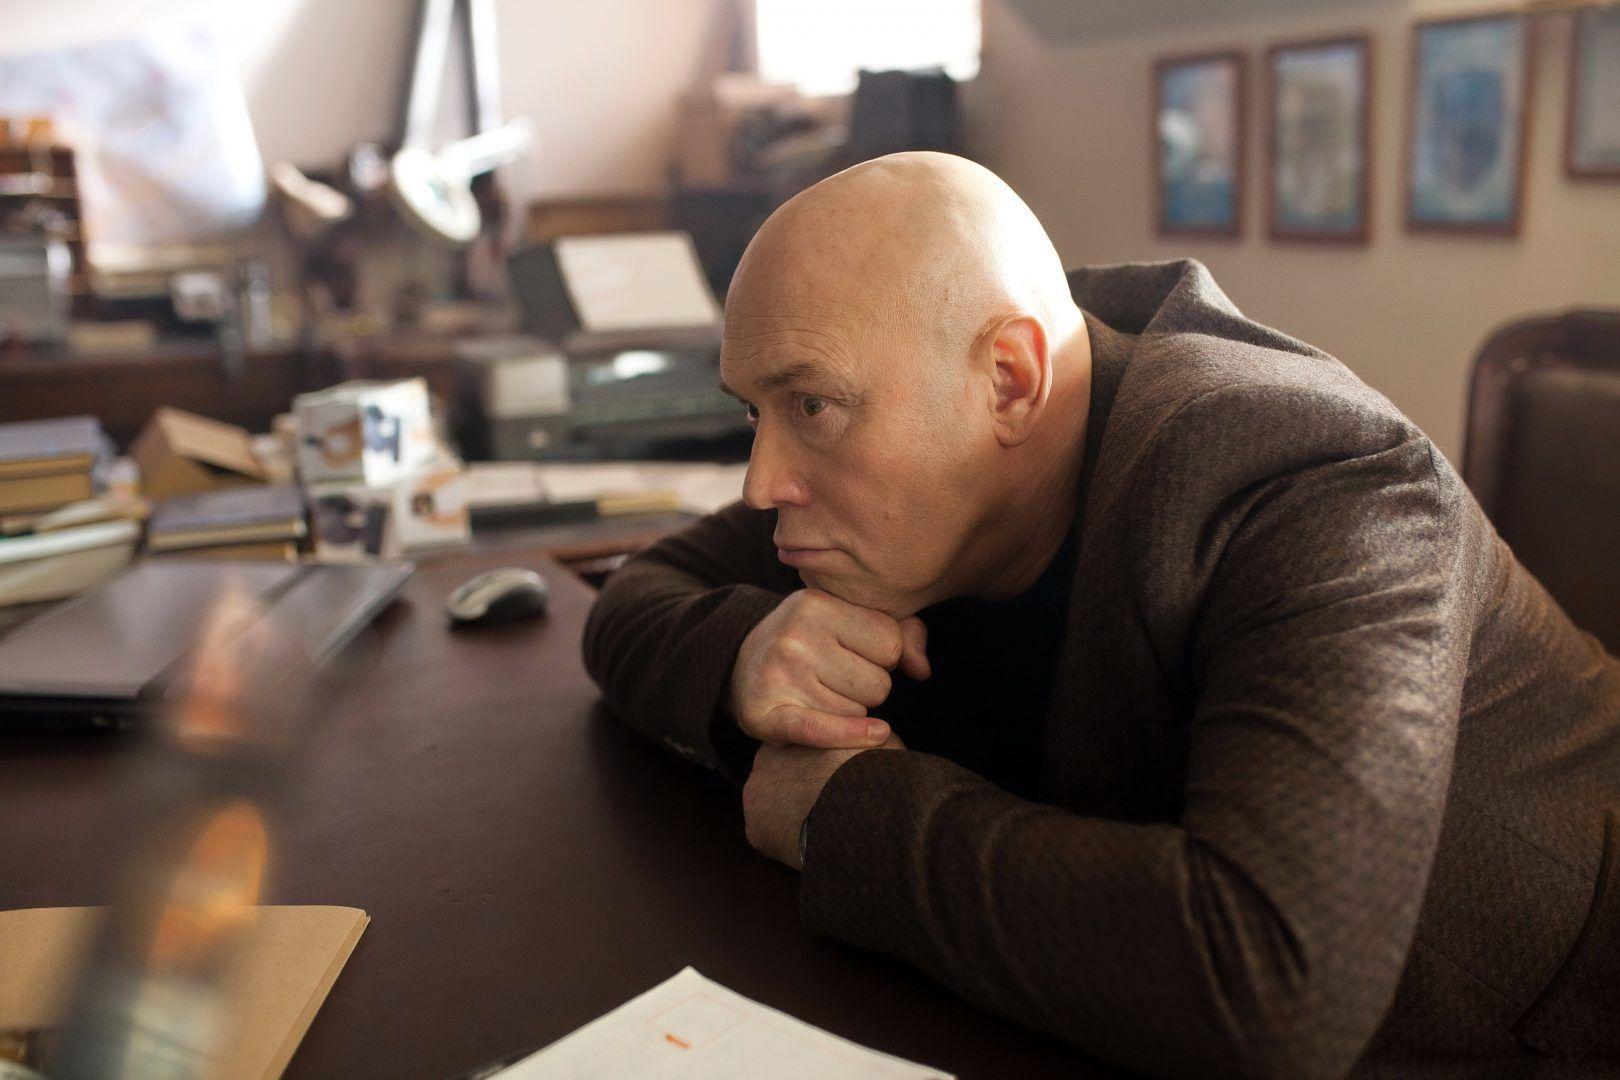 Актер Виктор Сухоруков уверен, что его профессия прекрасна, хотя и очень сложна.Фото: Евгений Степанов/ТАСС